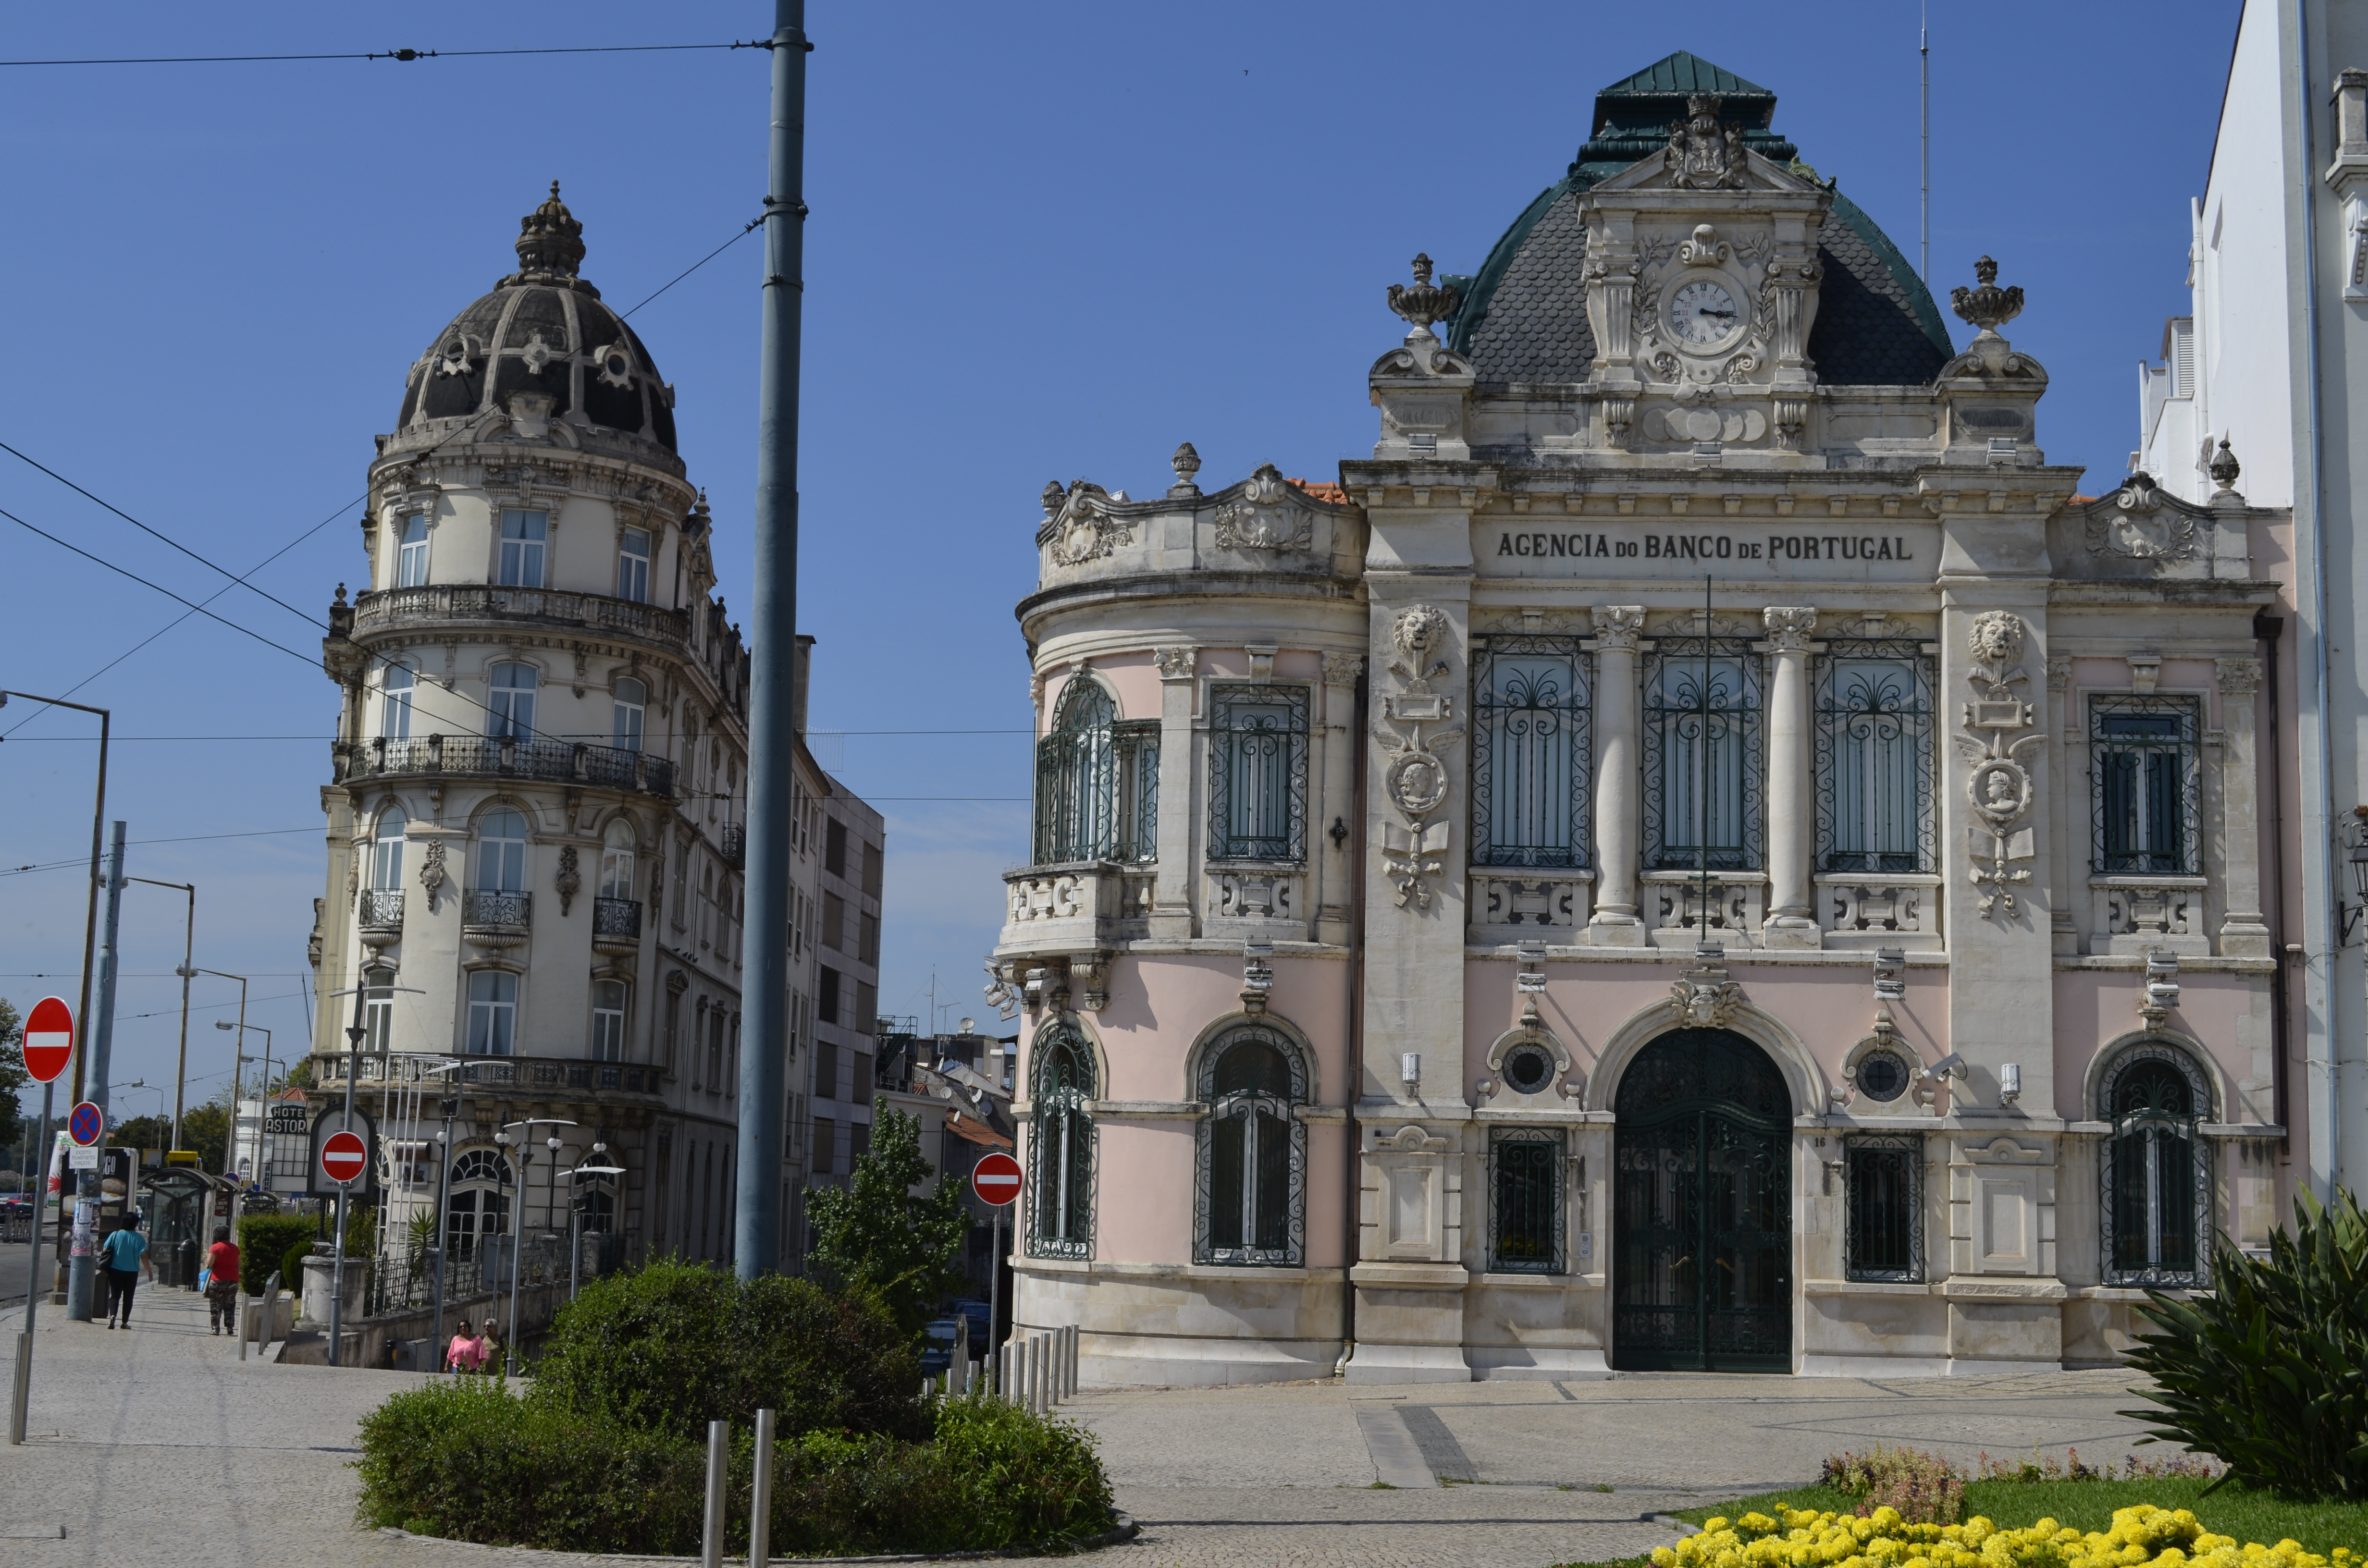 Hotel Astória e Agência do Banco de Portugal Coimbra